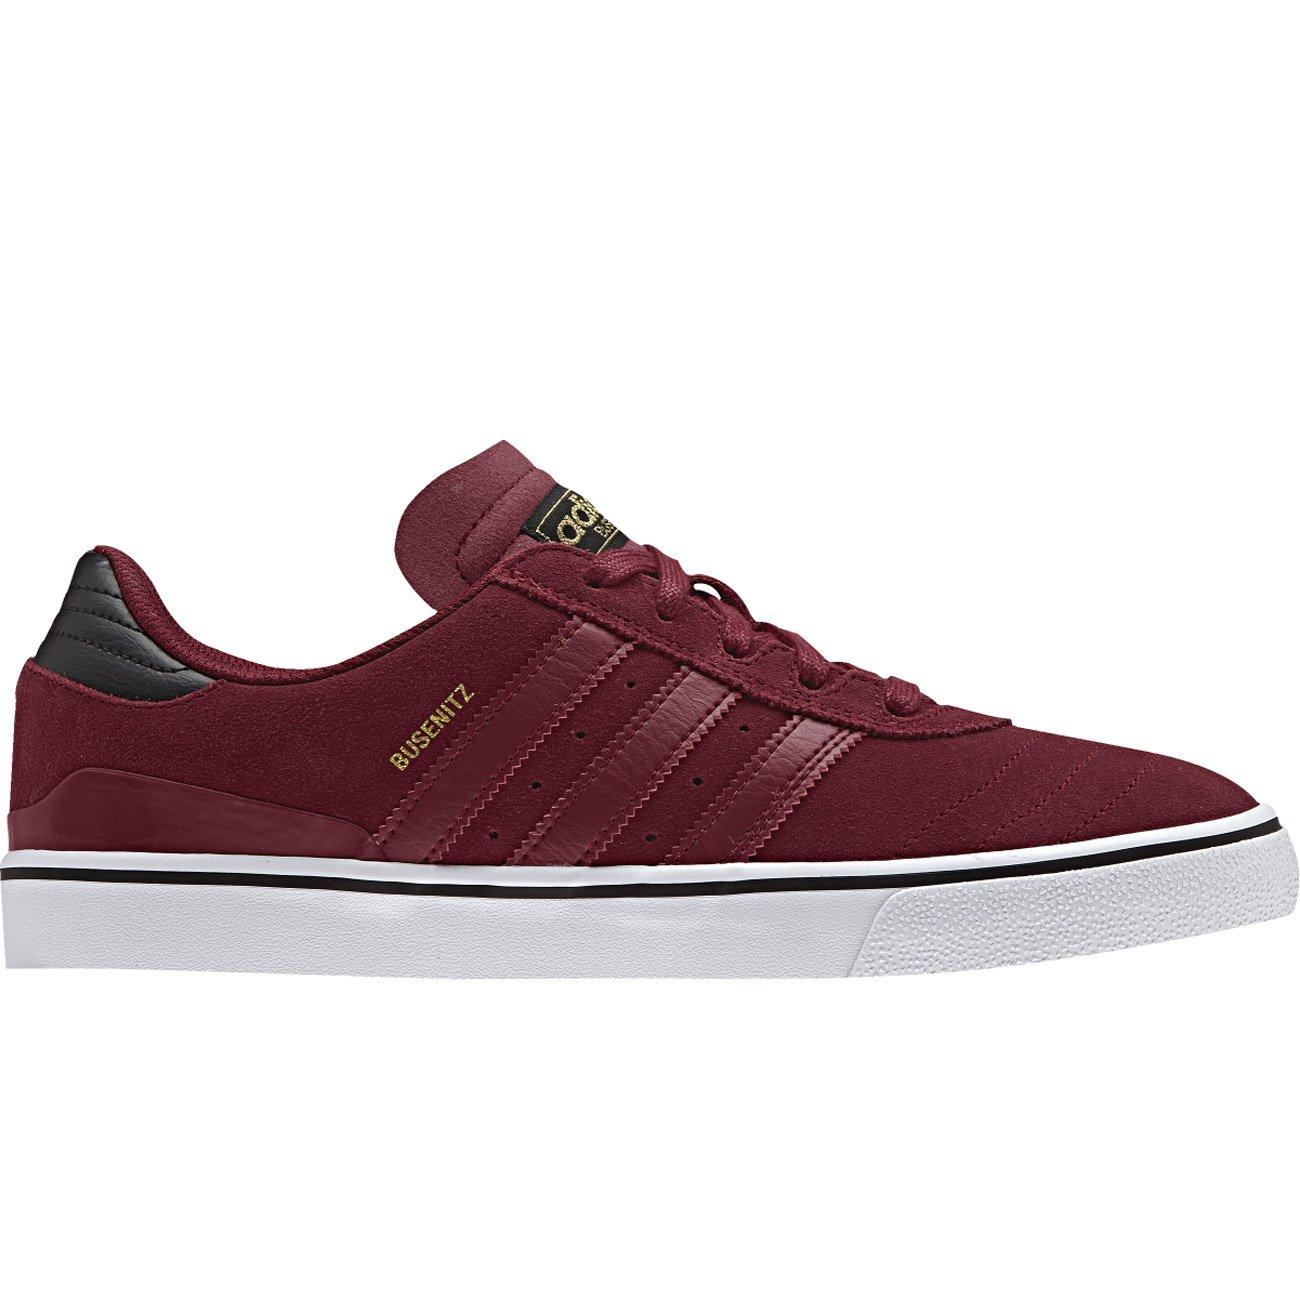 Adidas Herren Skateschuh Skateboarding Busenitz Vulc ADV Skateschuhe